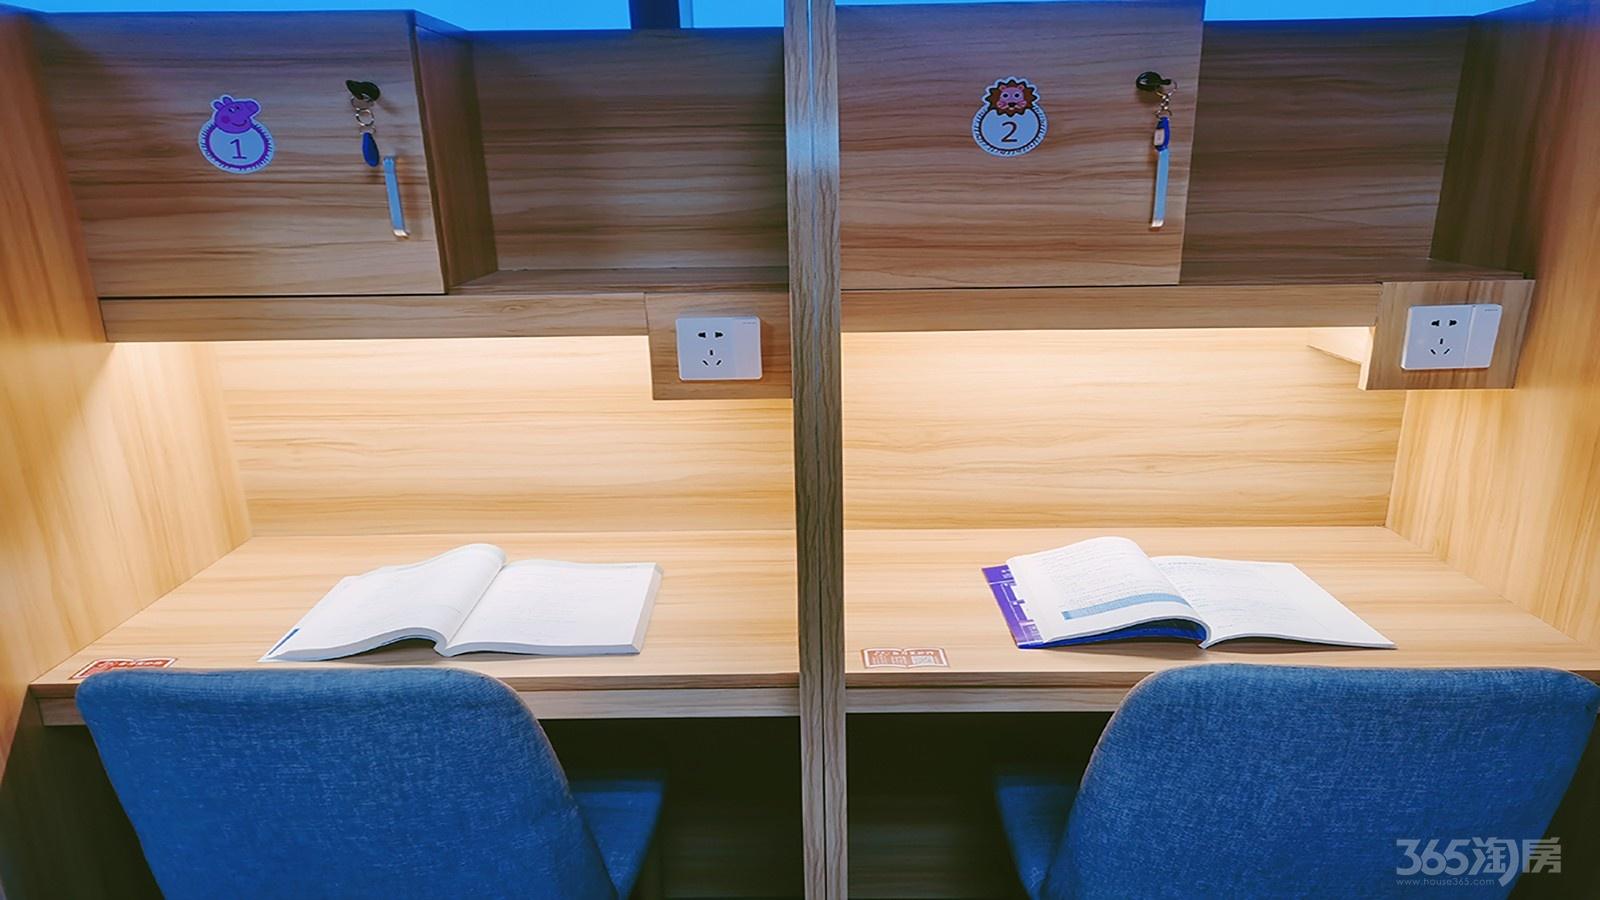 自习室转让  共享自习室    200平方米